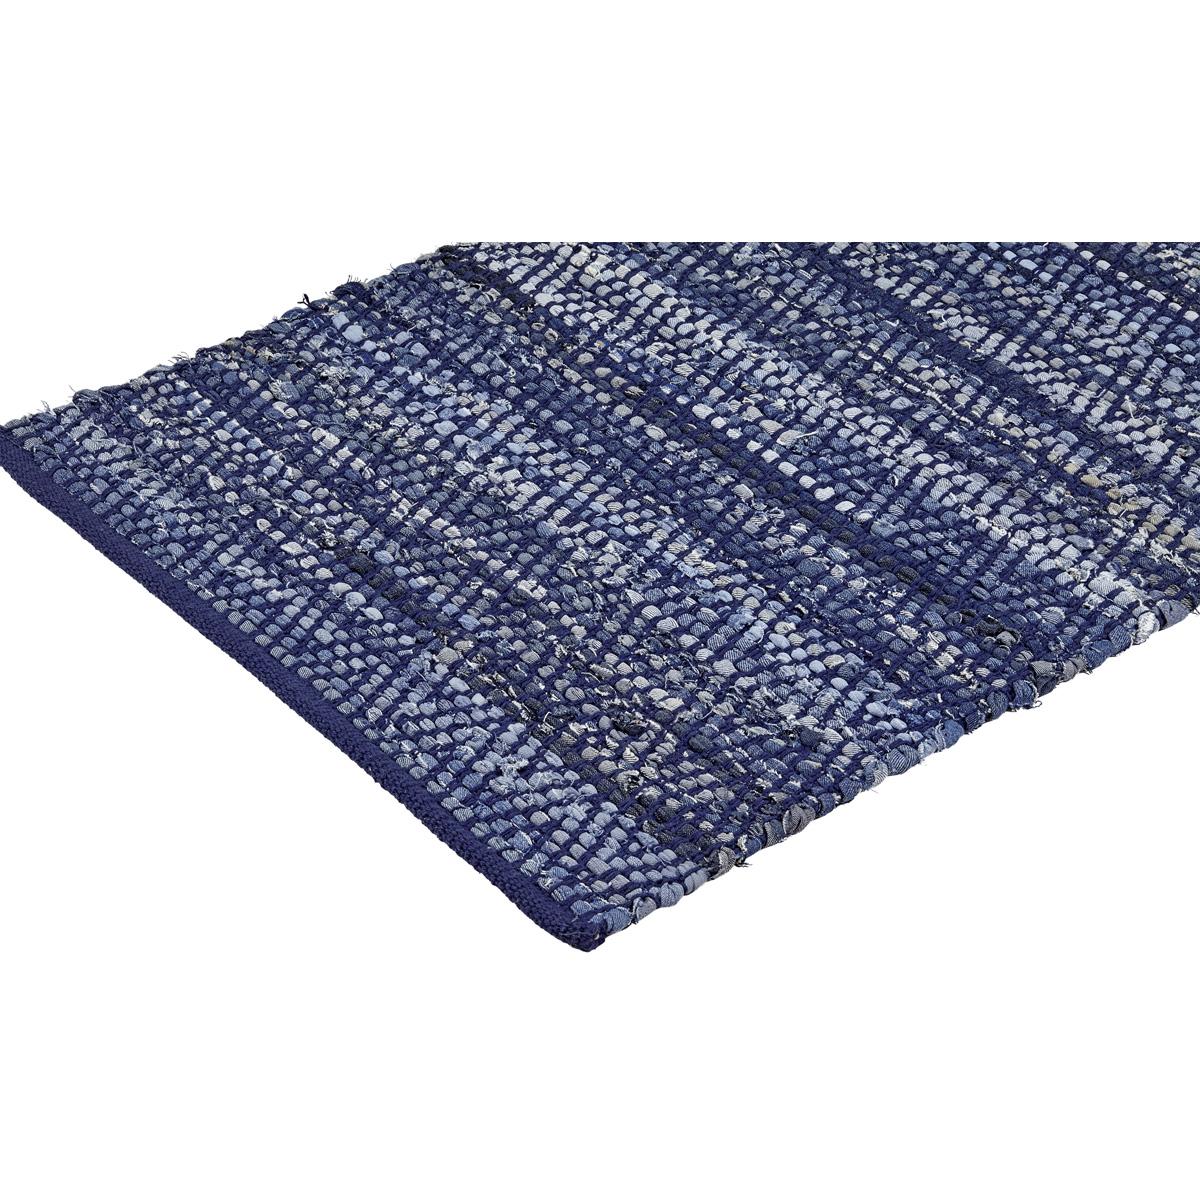 blue saskatoon throw on white background